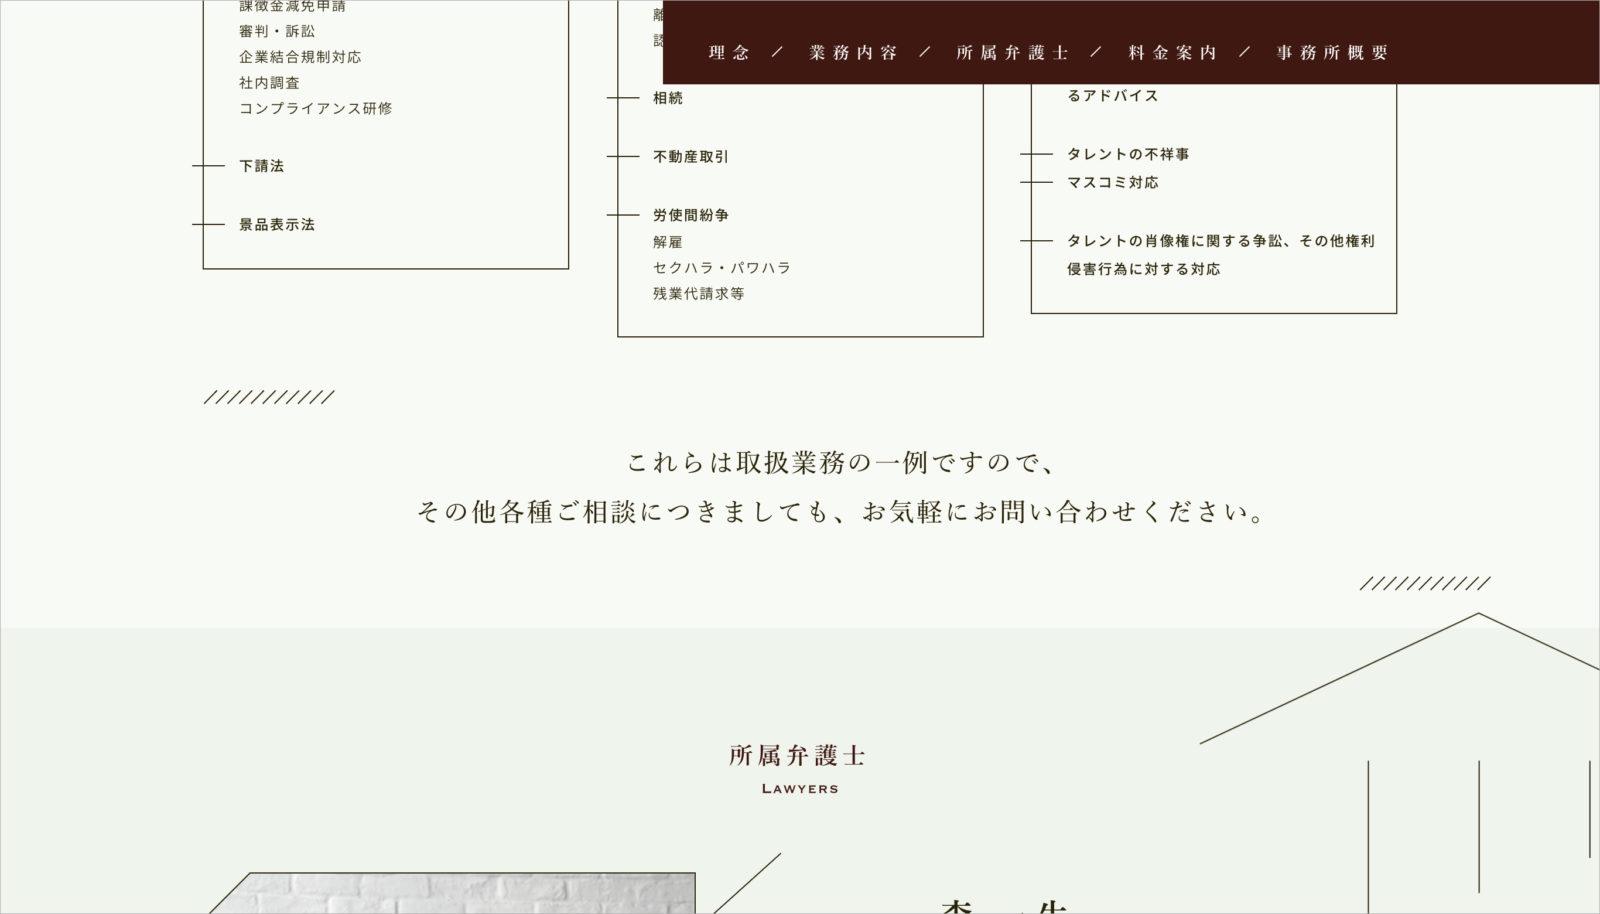 代官山総合法律事務所 / ロゴデザイン・コーポレートサイト